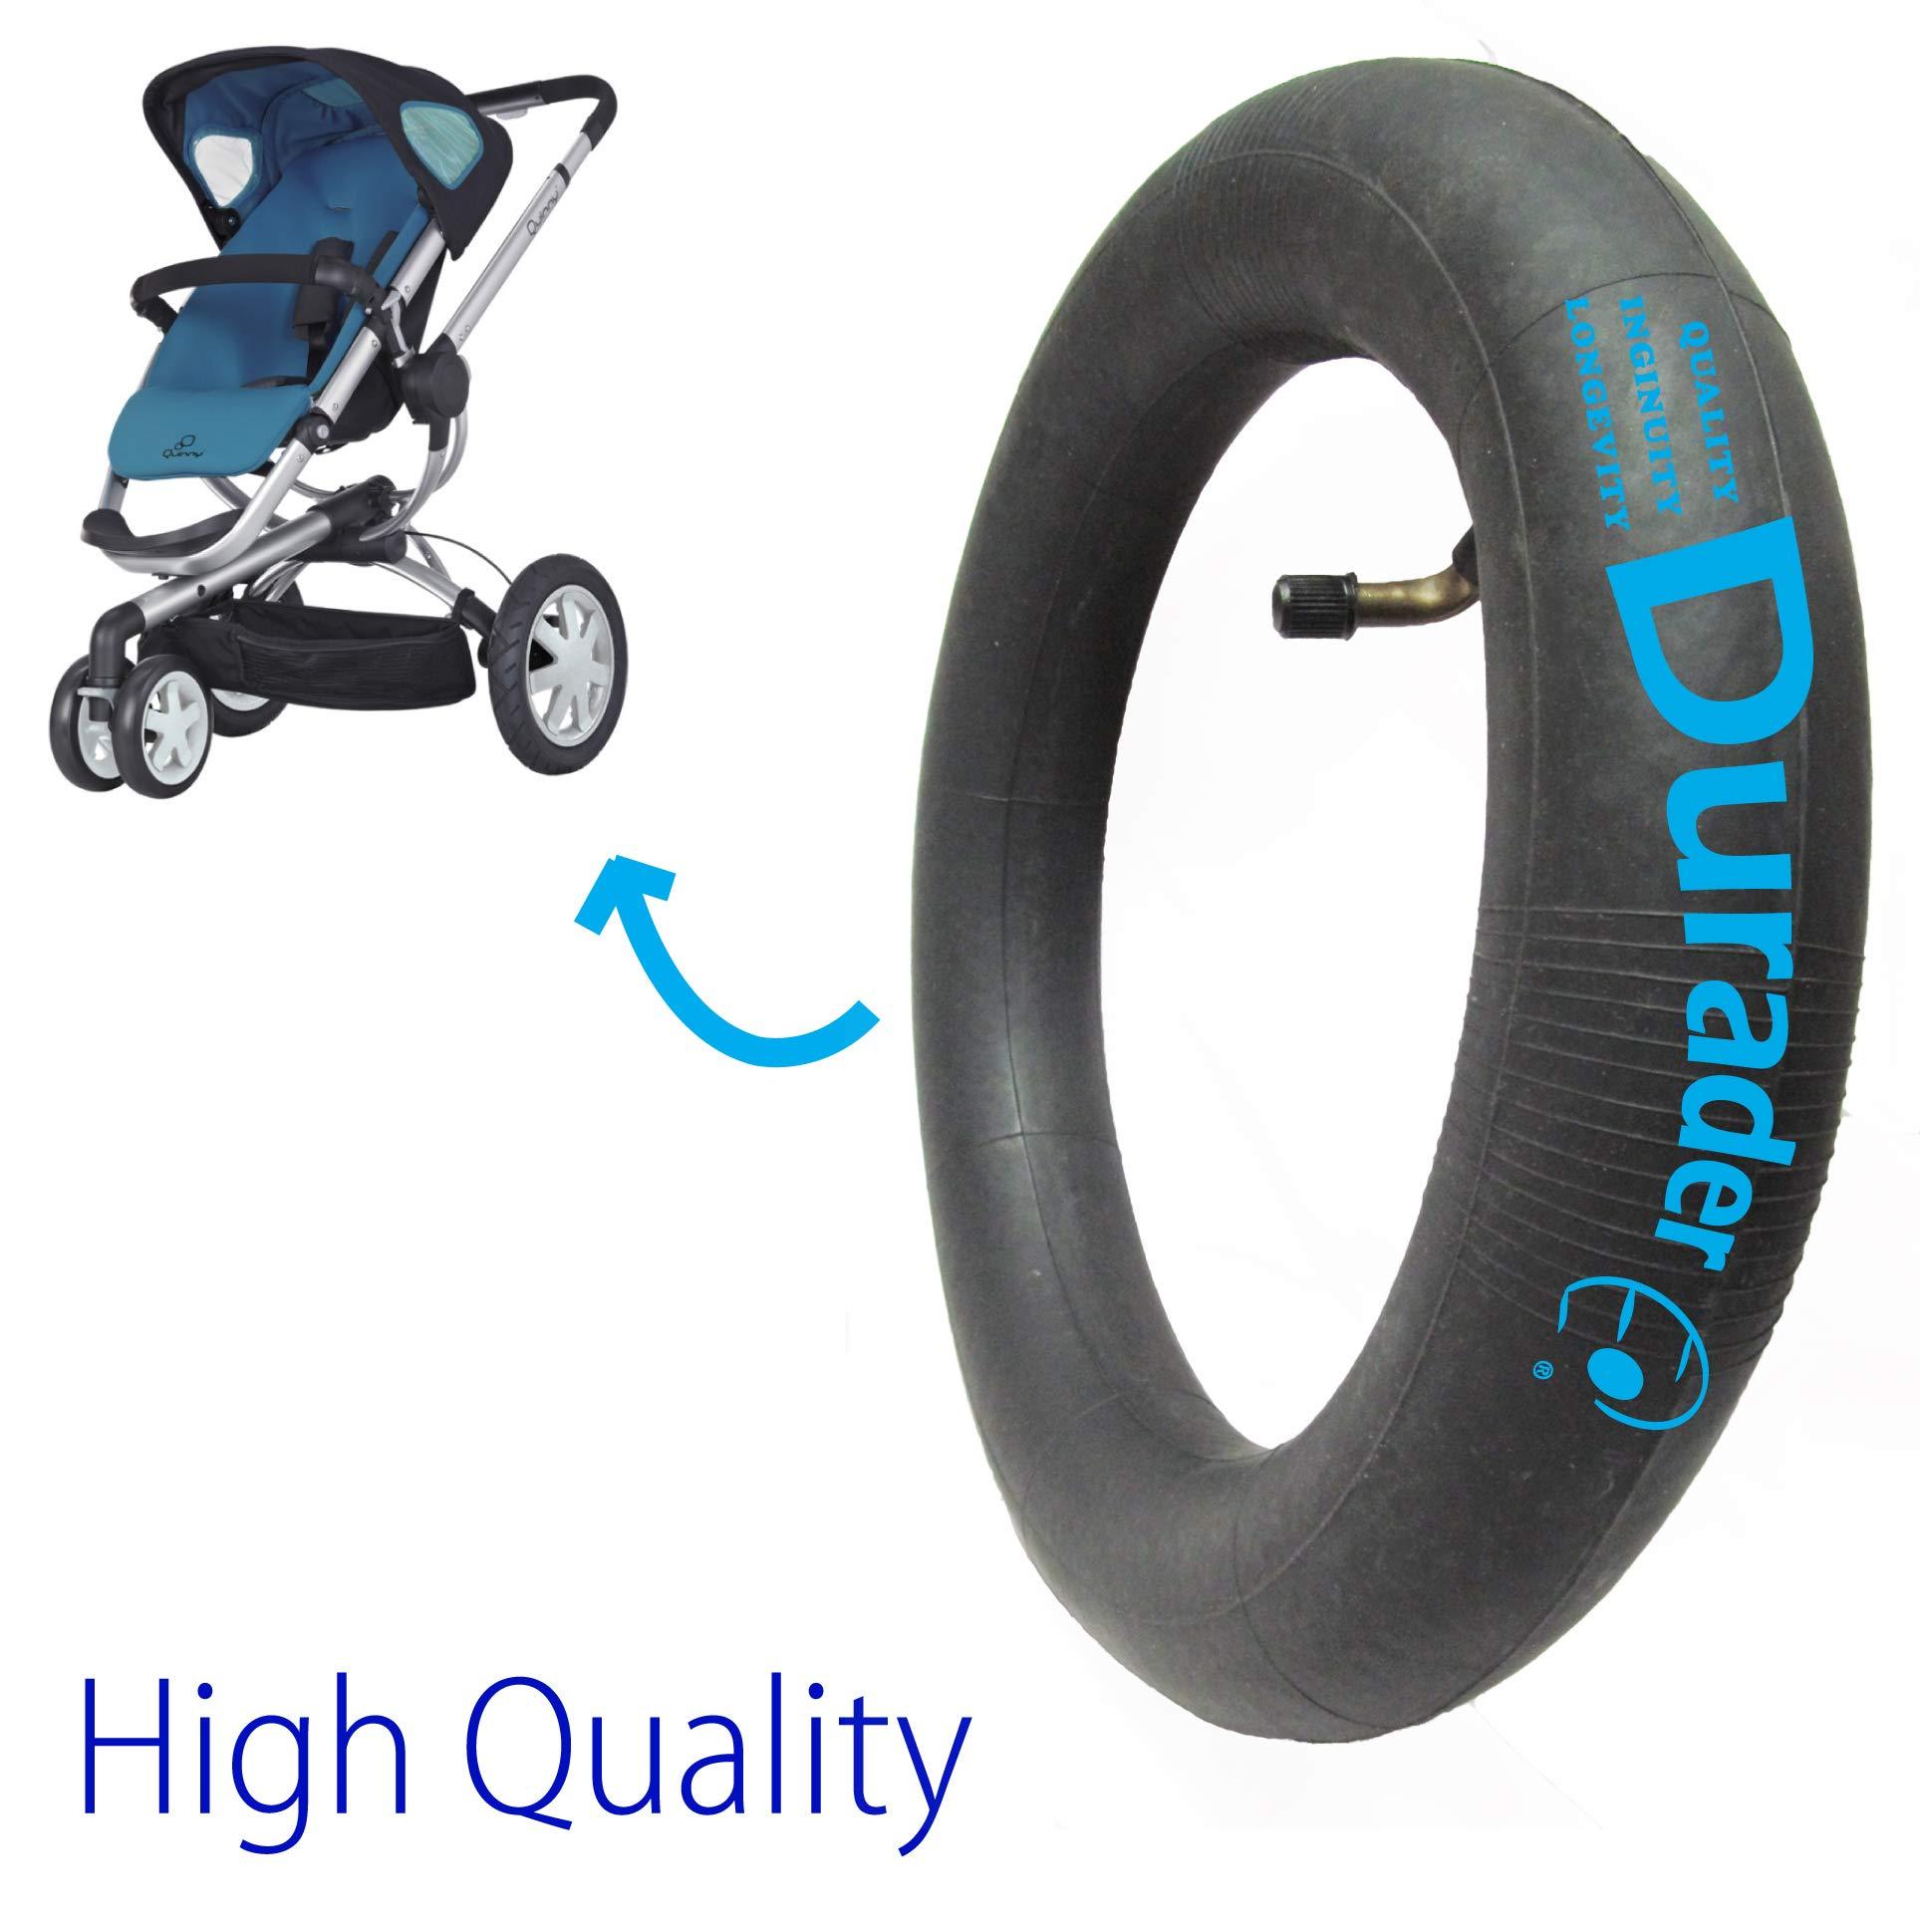 Quinny Buzz Stroller inner tube (rear wheel)